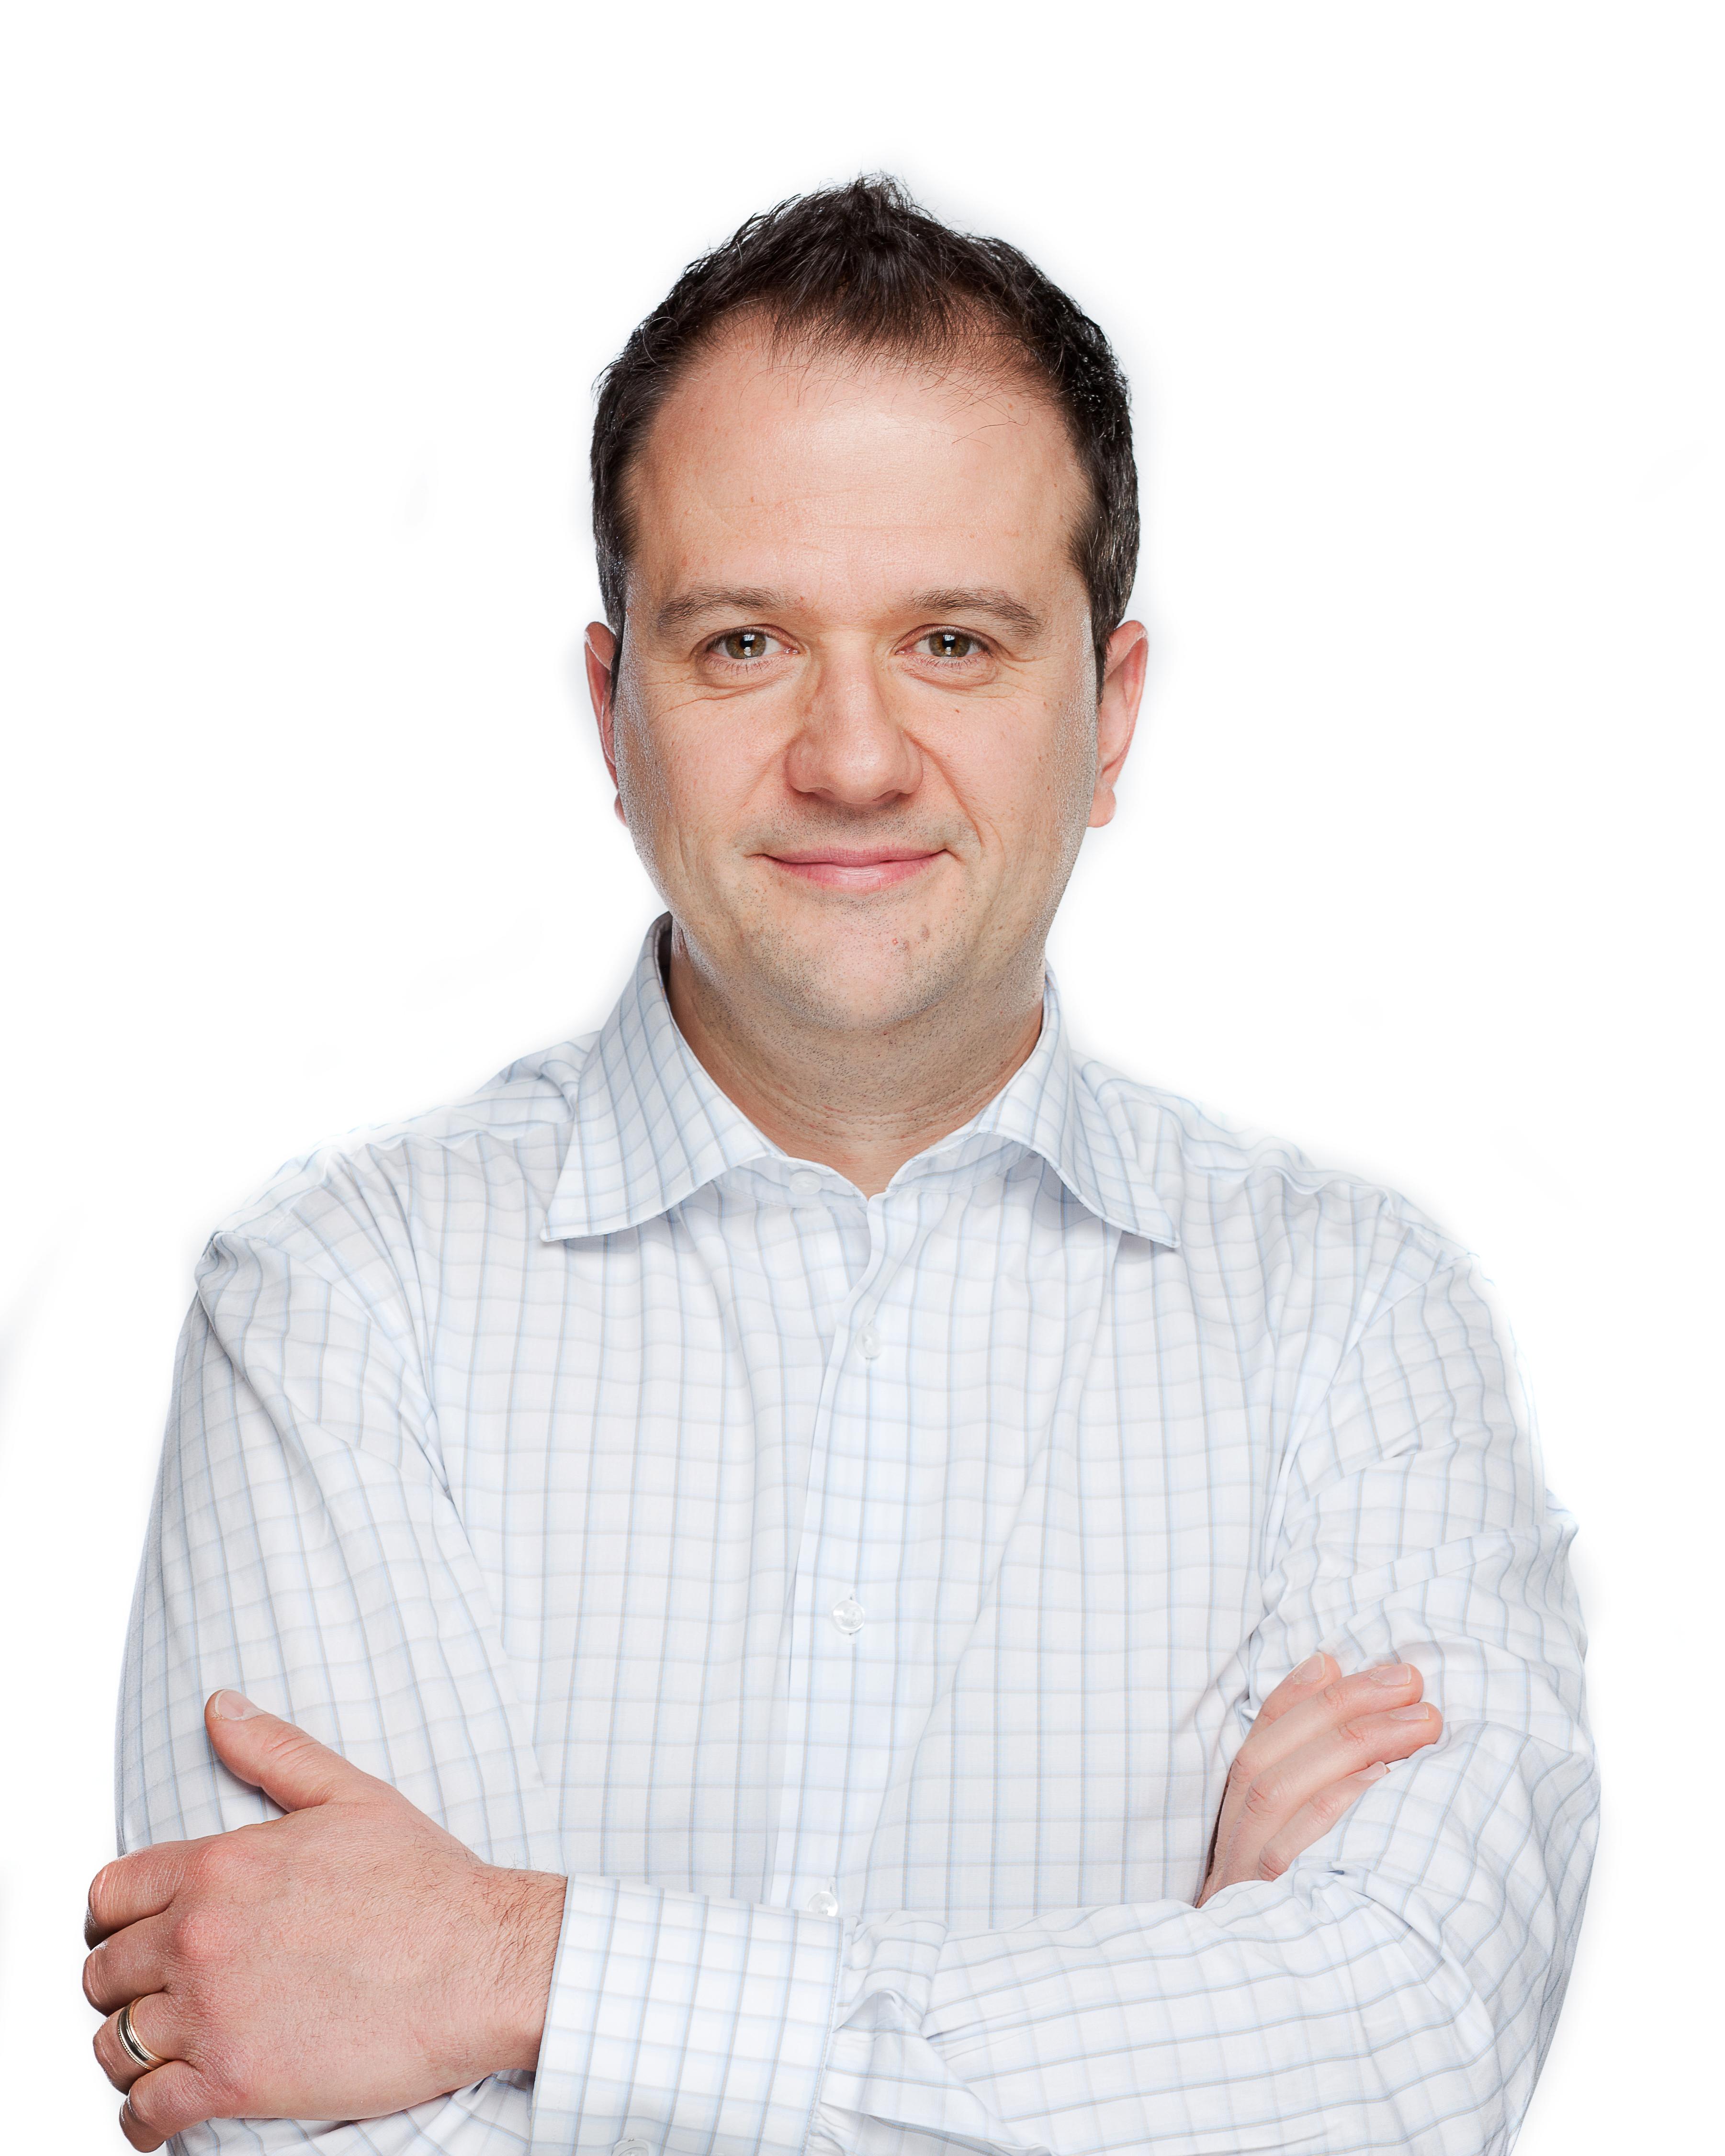 Nicolas Poitras